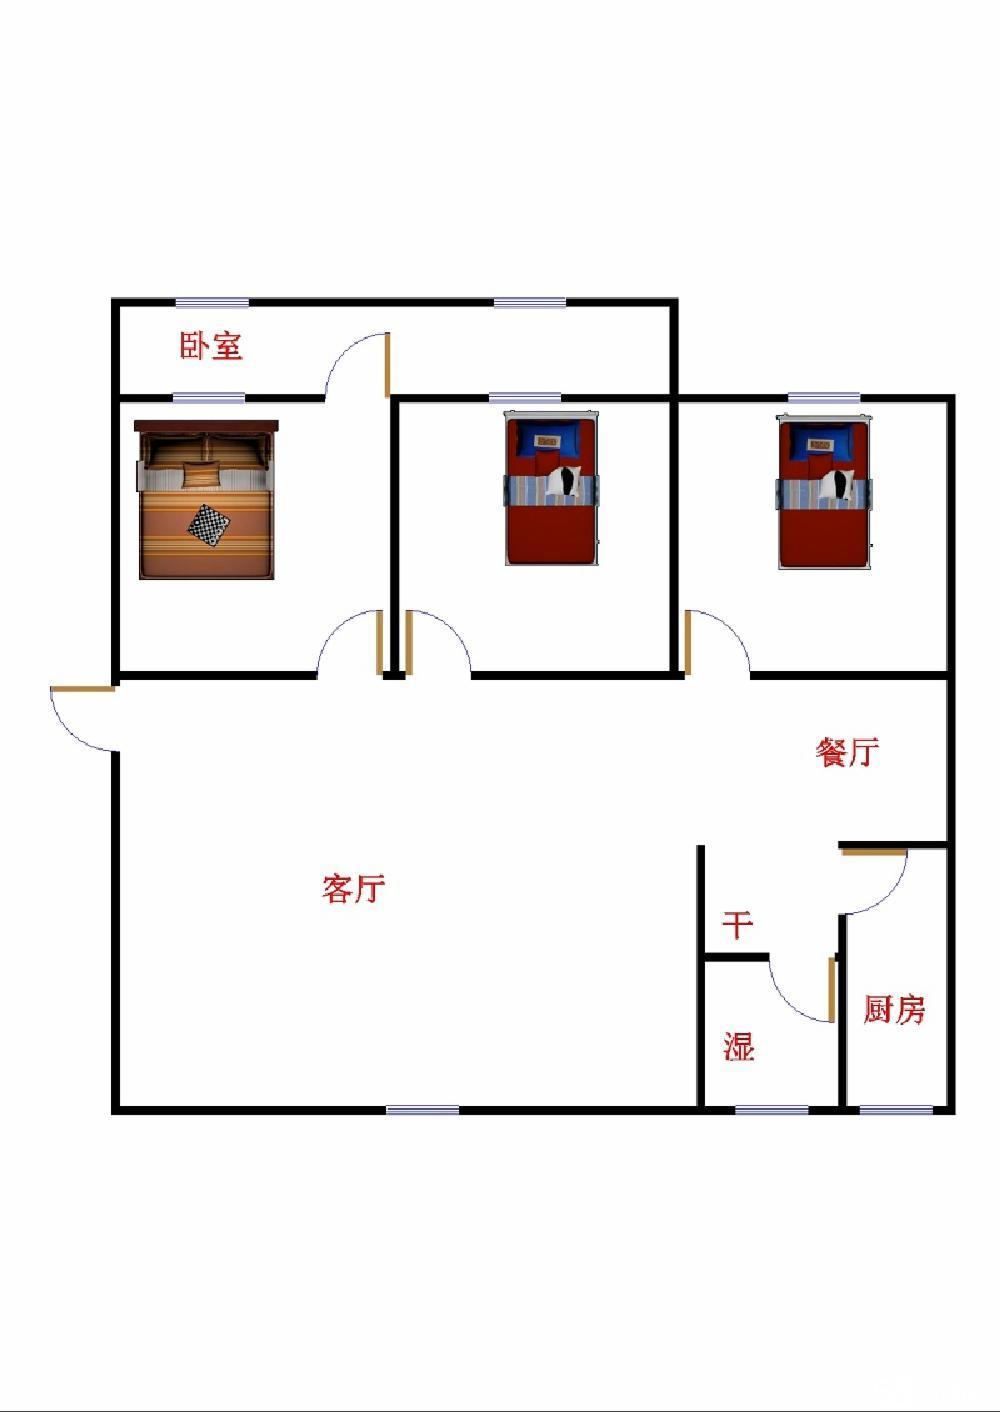 中行宿舍 3室2厅 双证齐全 简装 94万